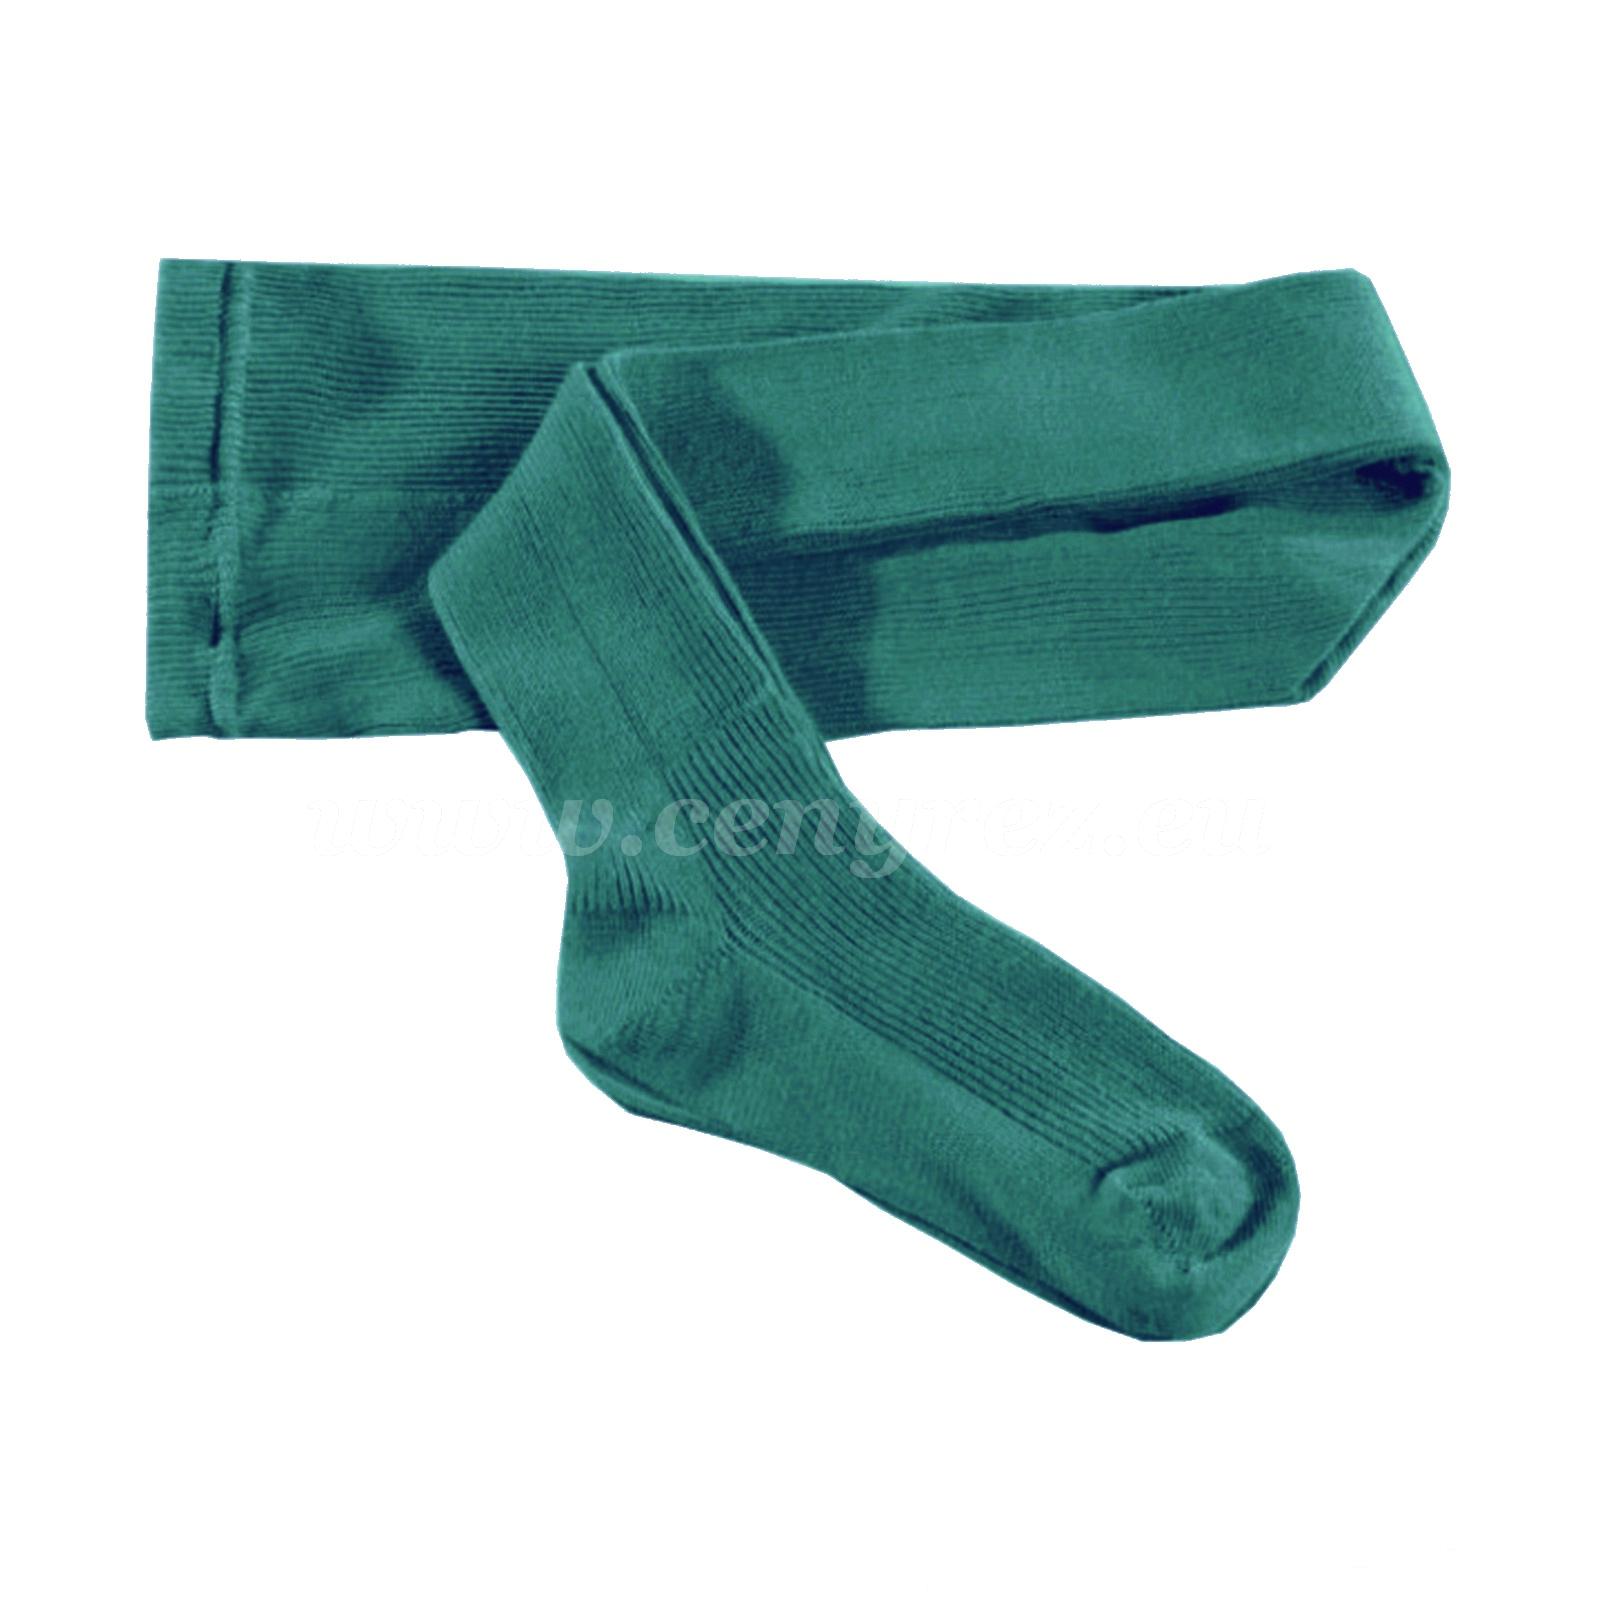 KASKA dětské žebrované punčocháče - zelená